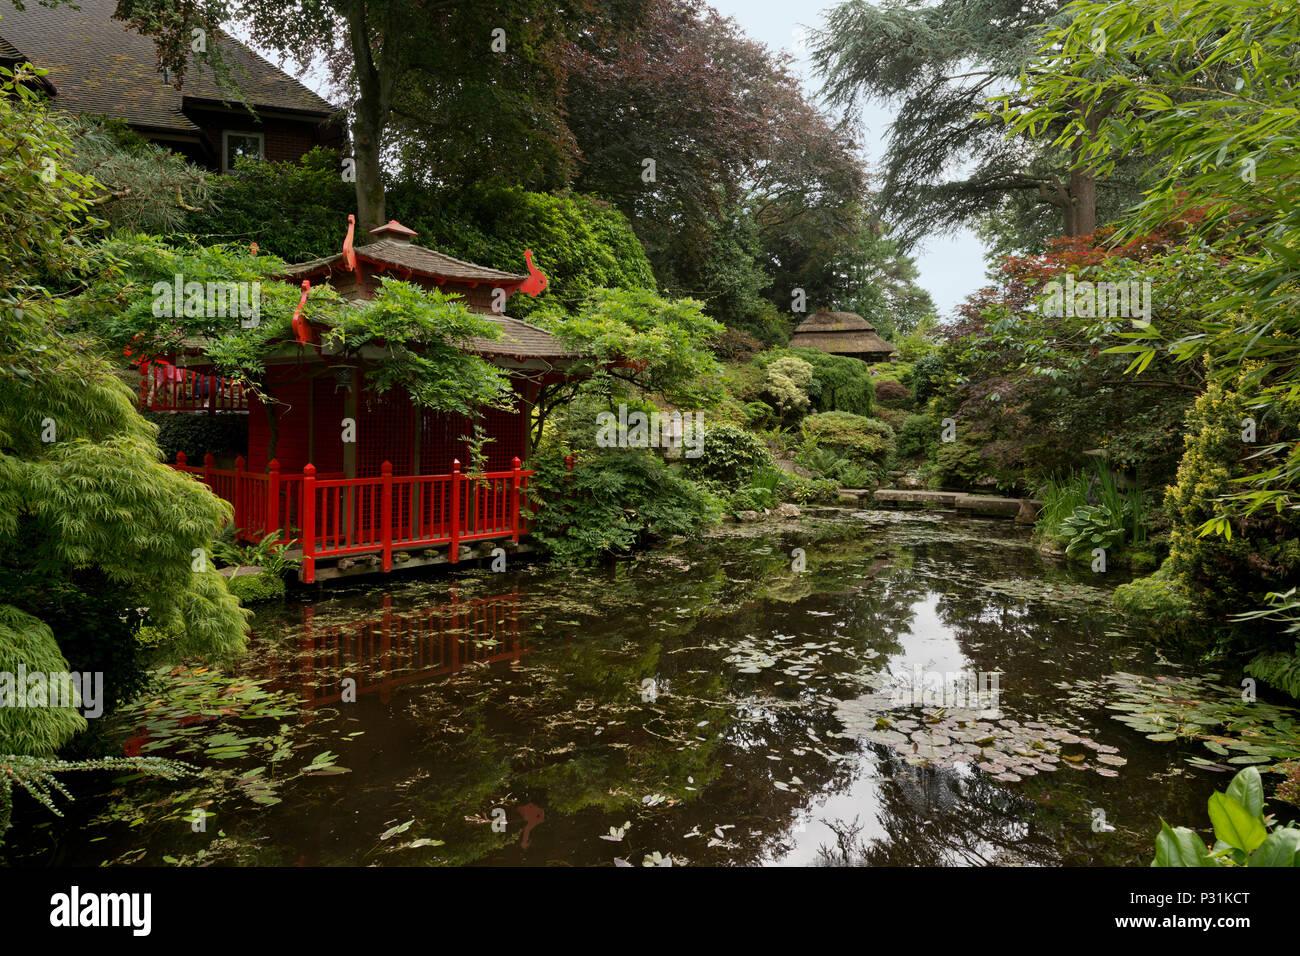 Japanese English Stock Photos & Japanese English Stock Images - Alamy